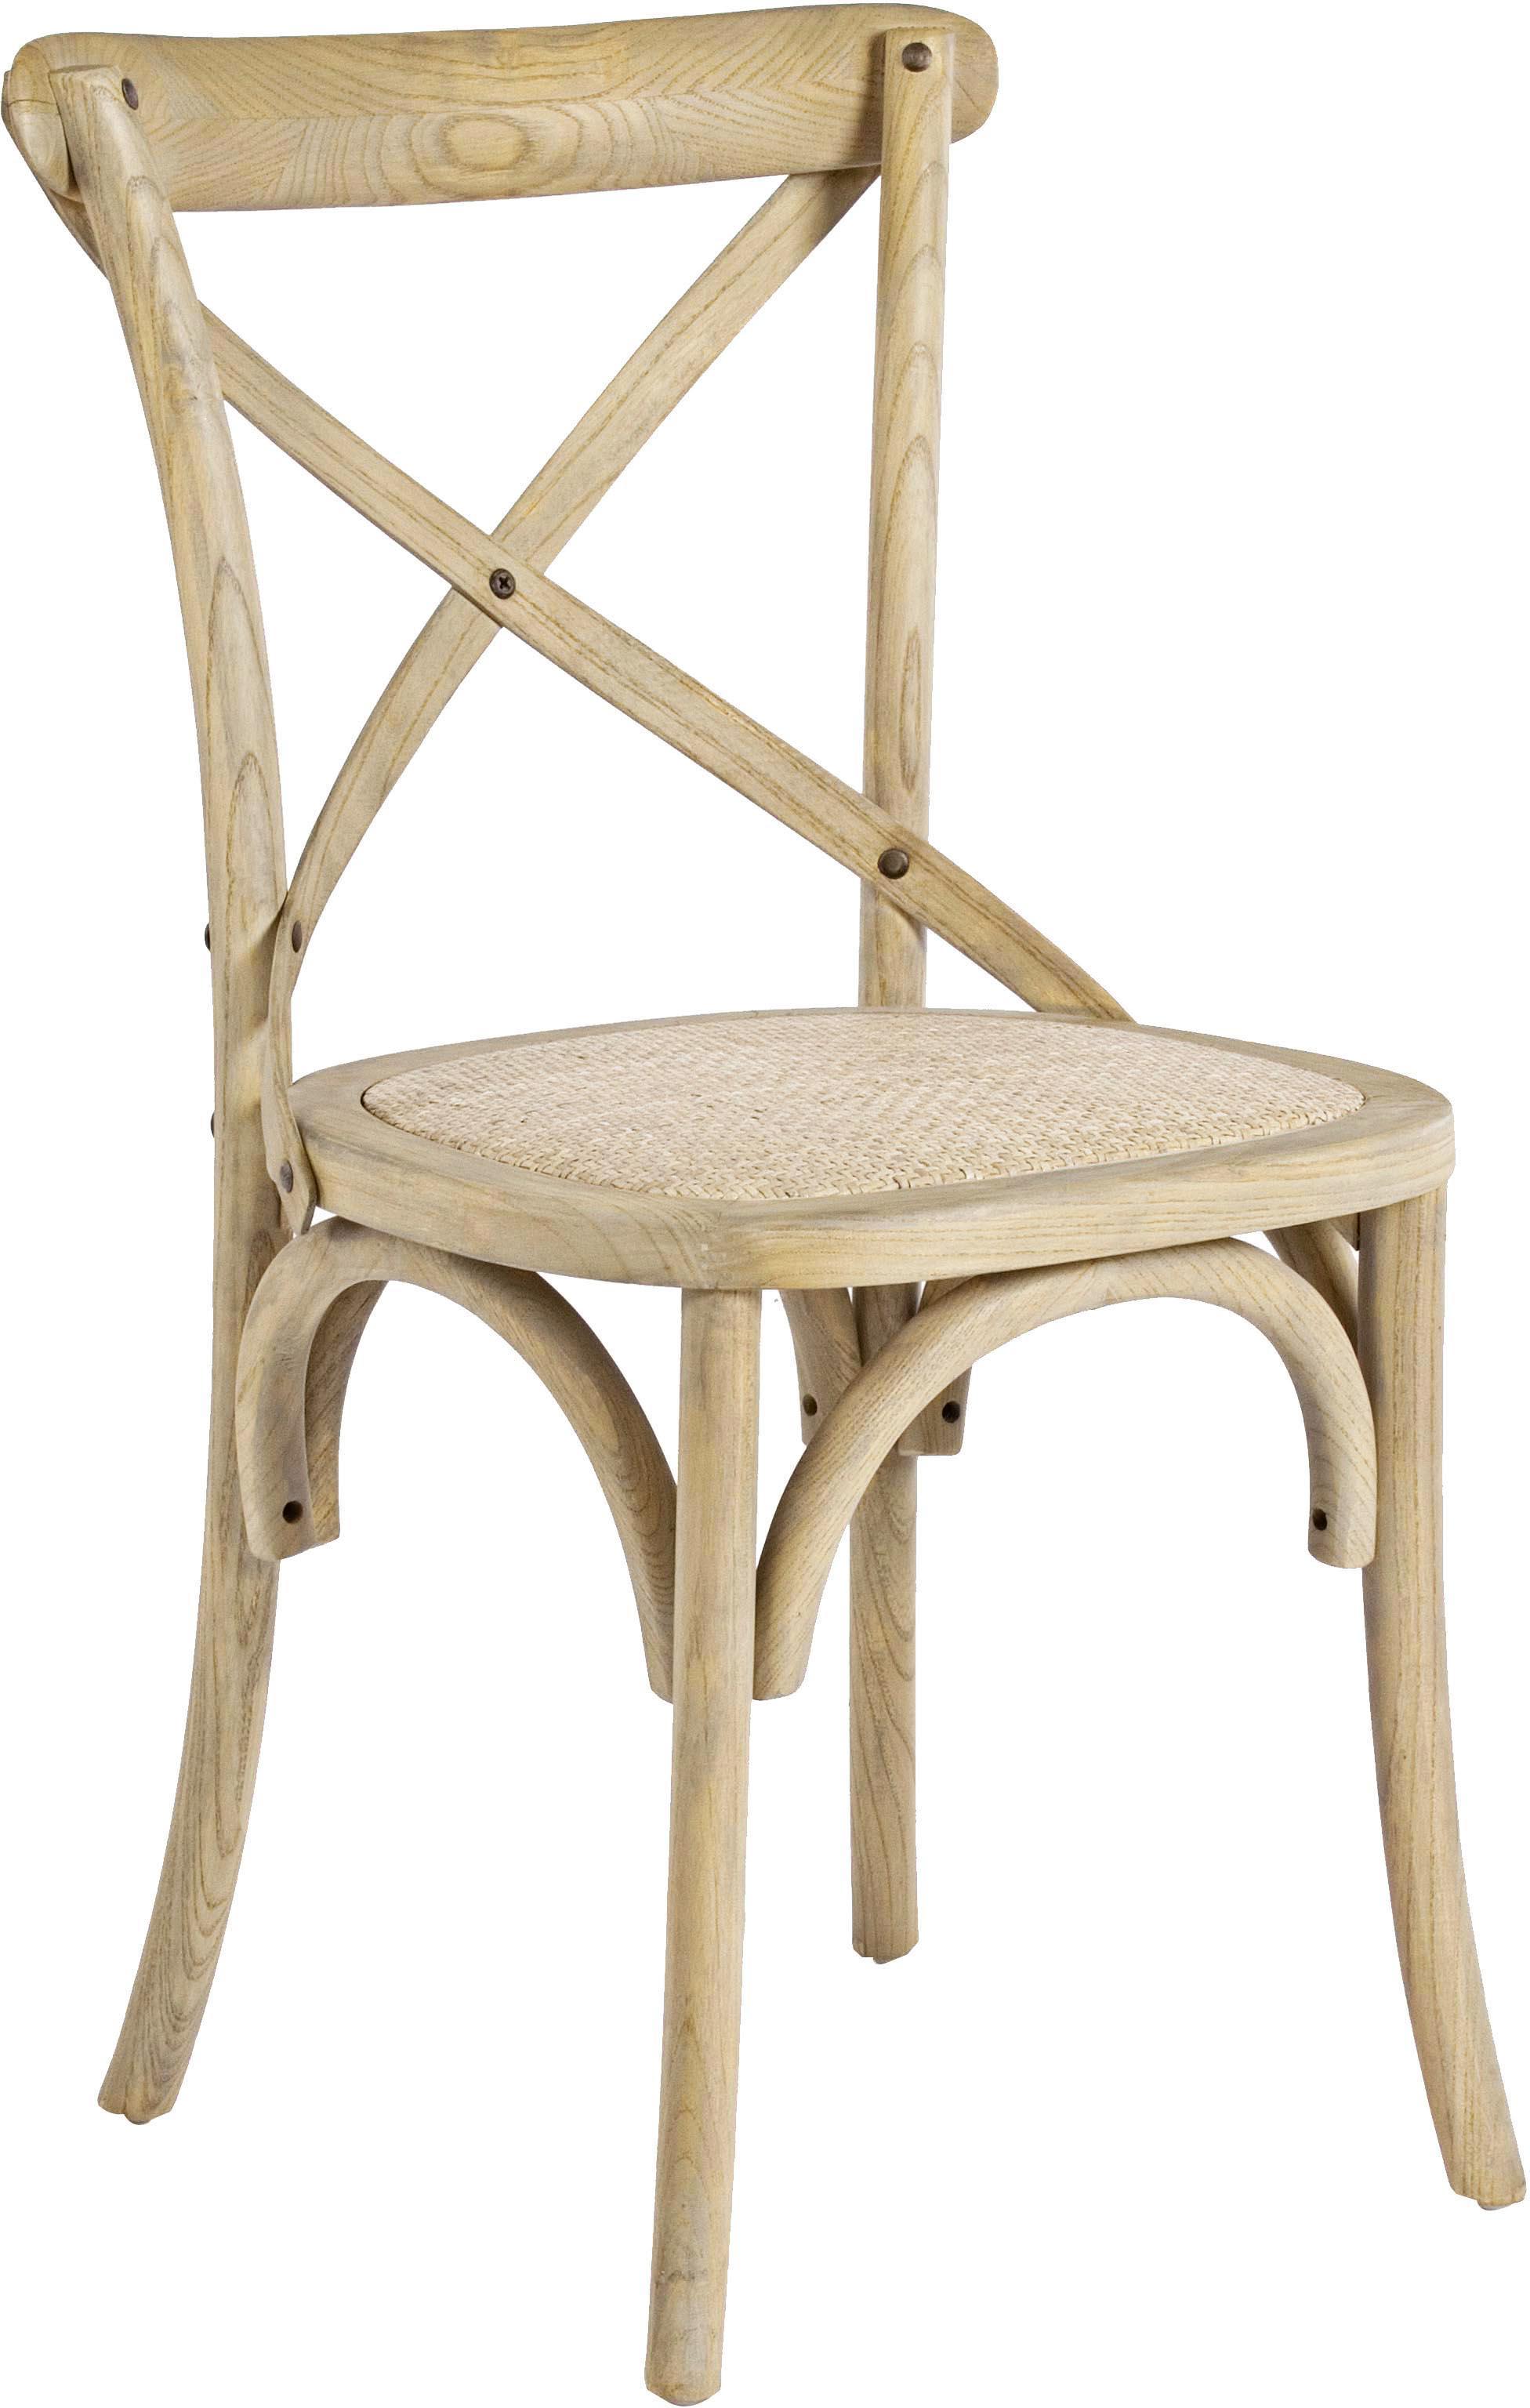 Silla Cross, Asiento: ratán, Estructura: madera de olmo, lacado tr, Ratán, madera de olmo, An 42 x F 46 cm